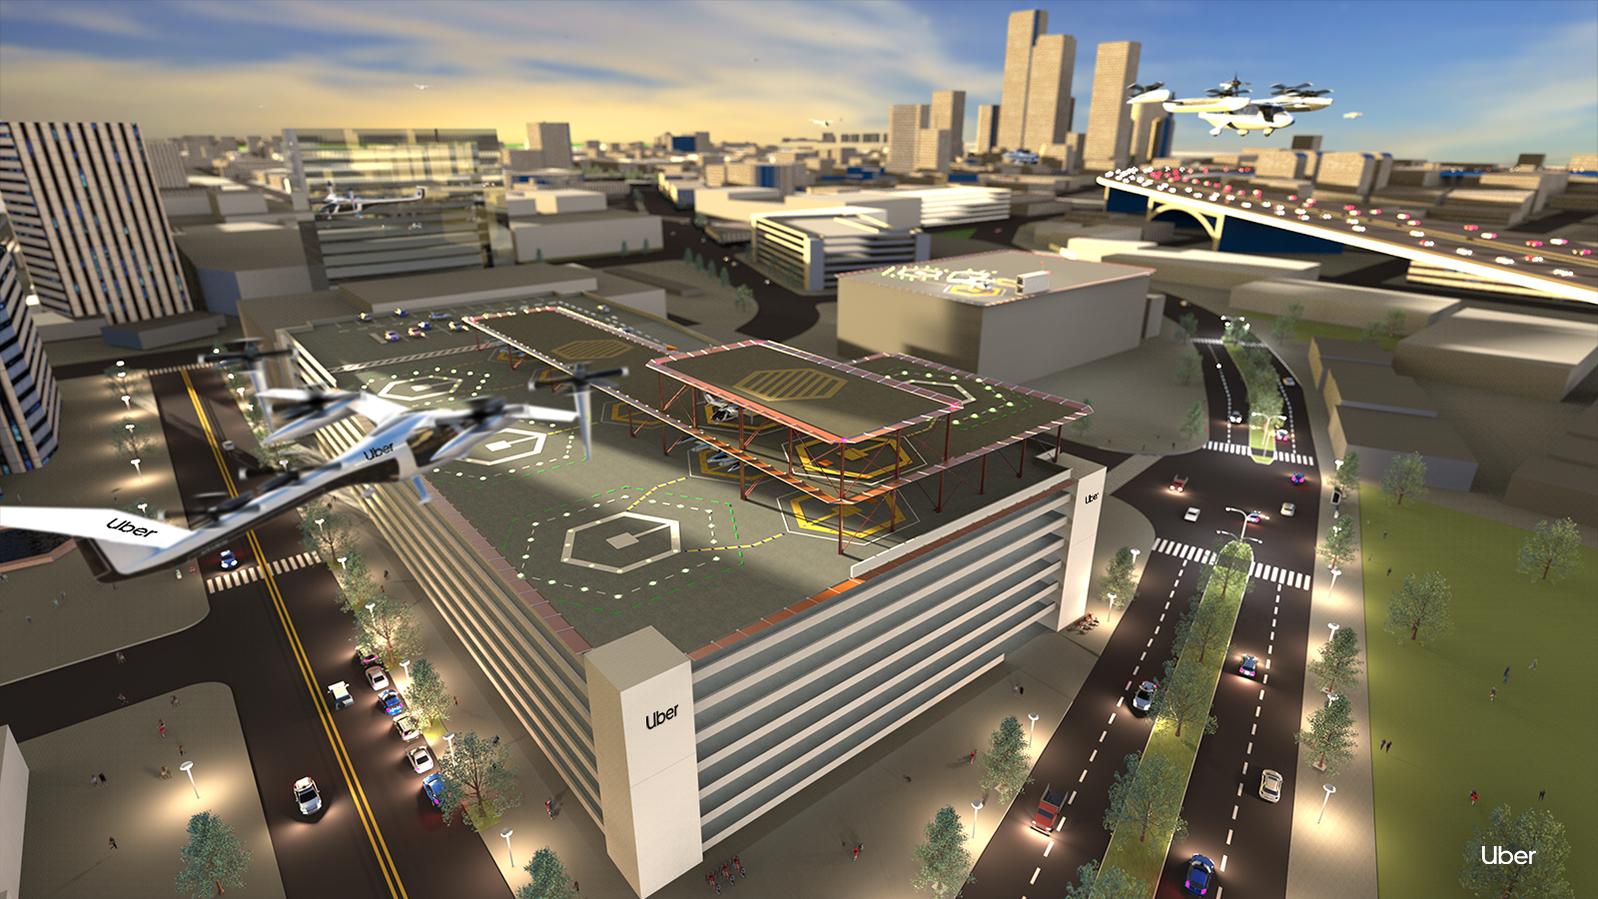 Uber Air skyport